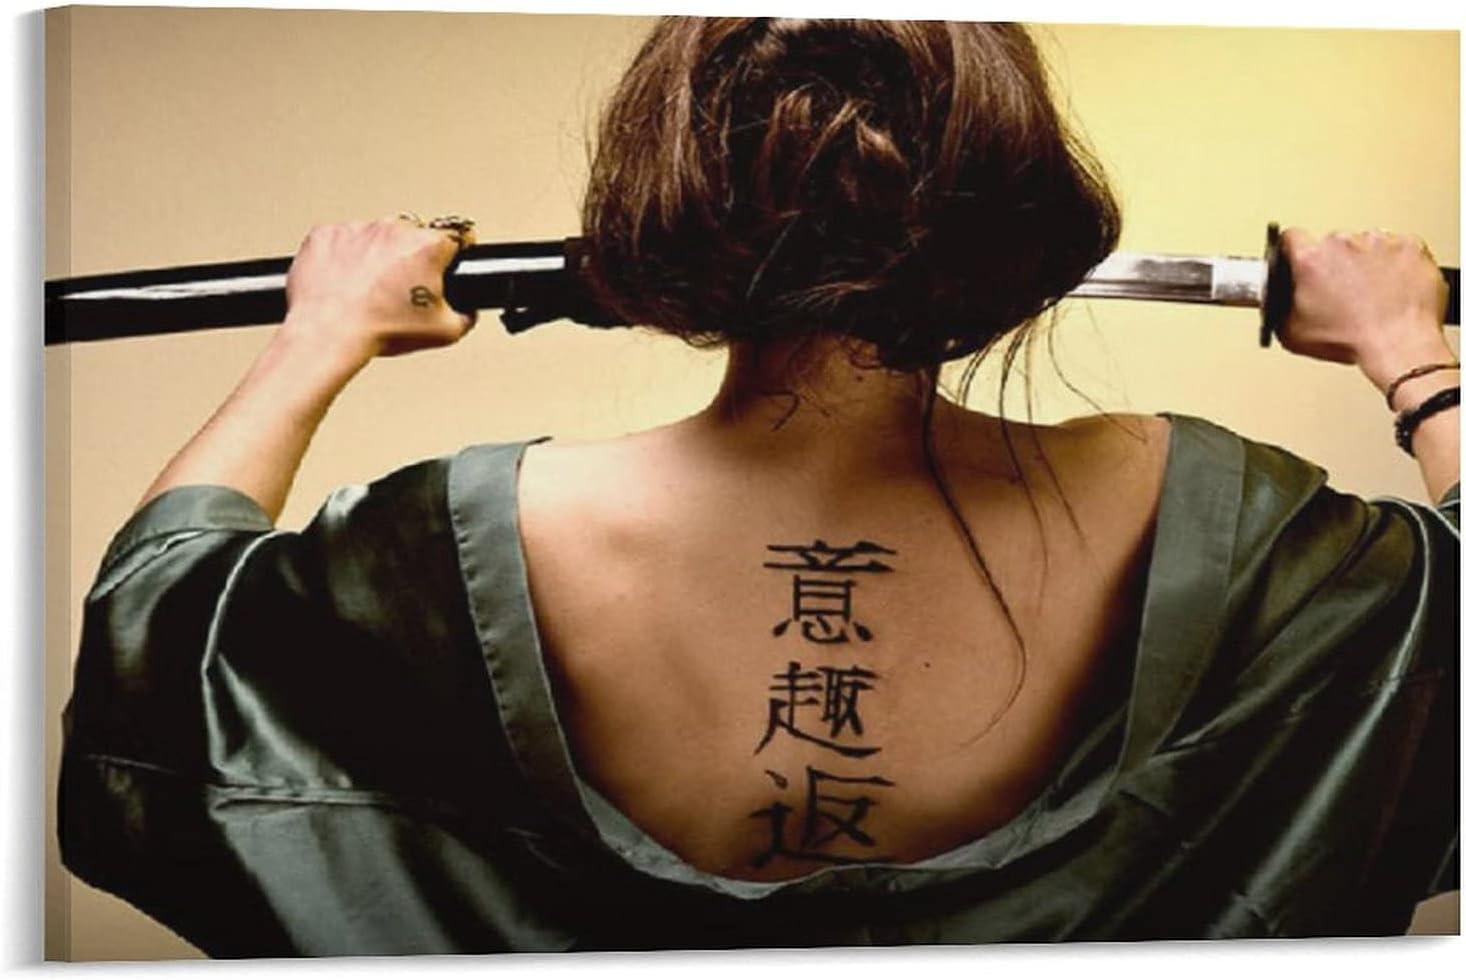 SHUANGXUAN Virginia Beach Mall Japanese Samurai Girl Room 3 Poster Aesthetic Sale Poste